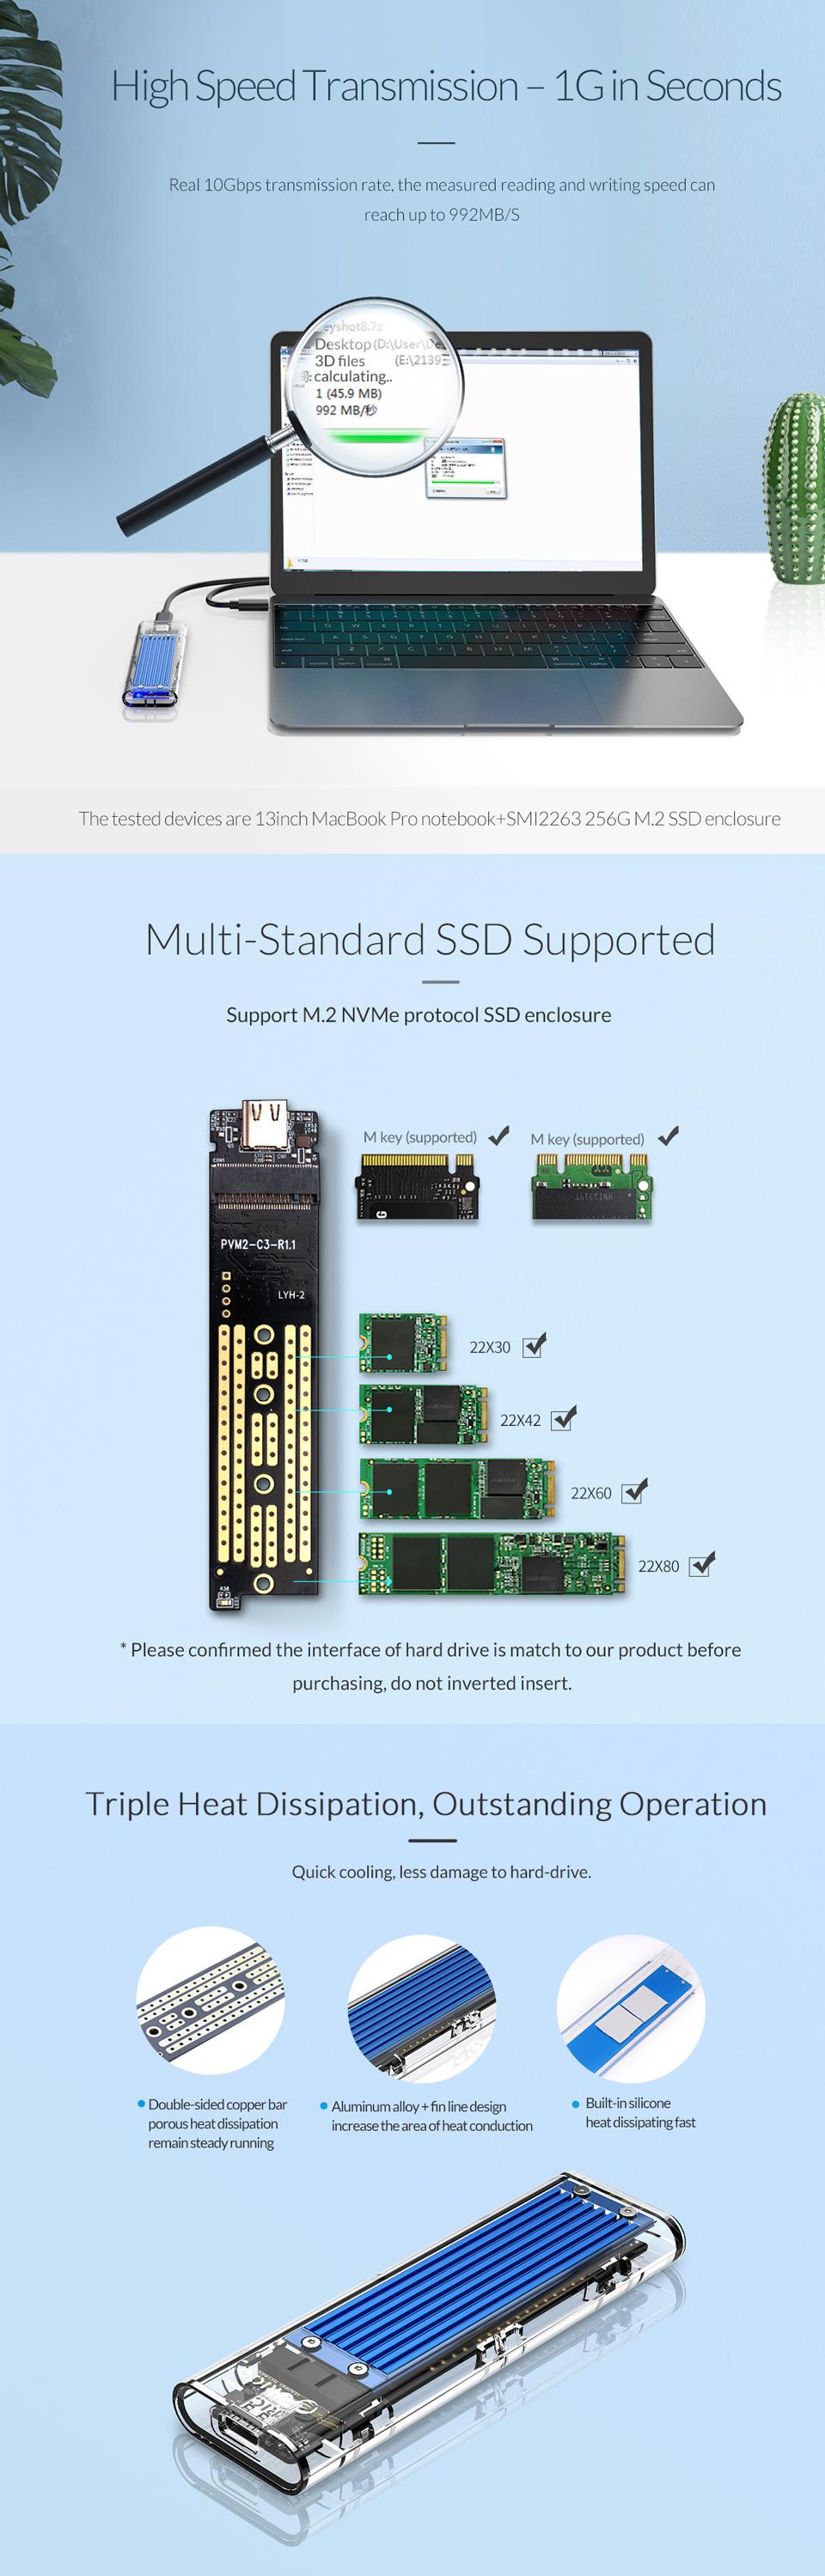 Orico USB 3.1 Type C Gen 2 M.2 Enclosure Transparent Red features 4